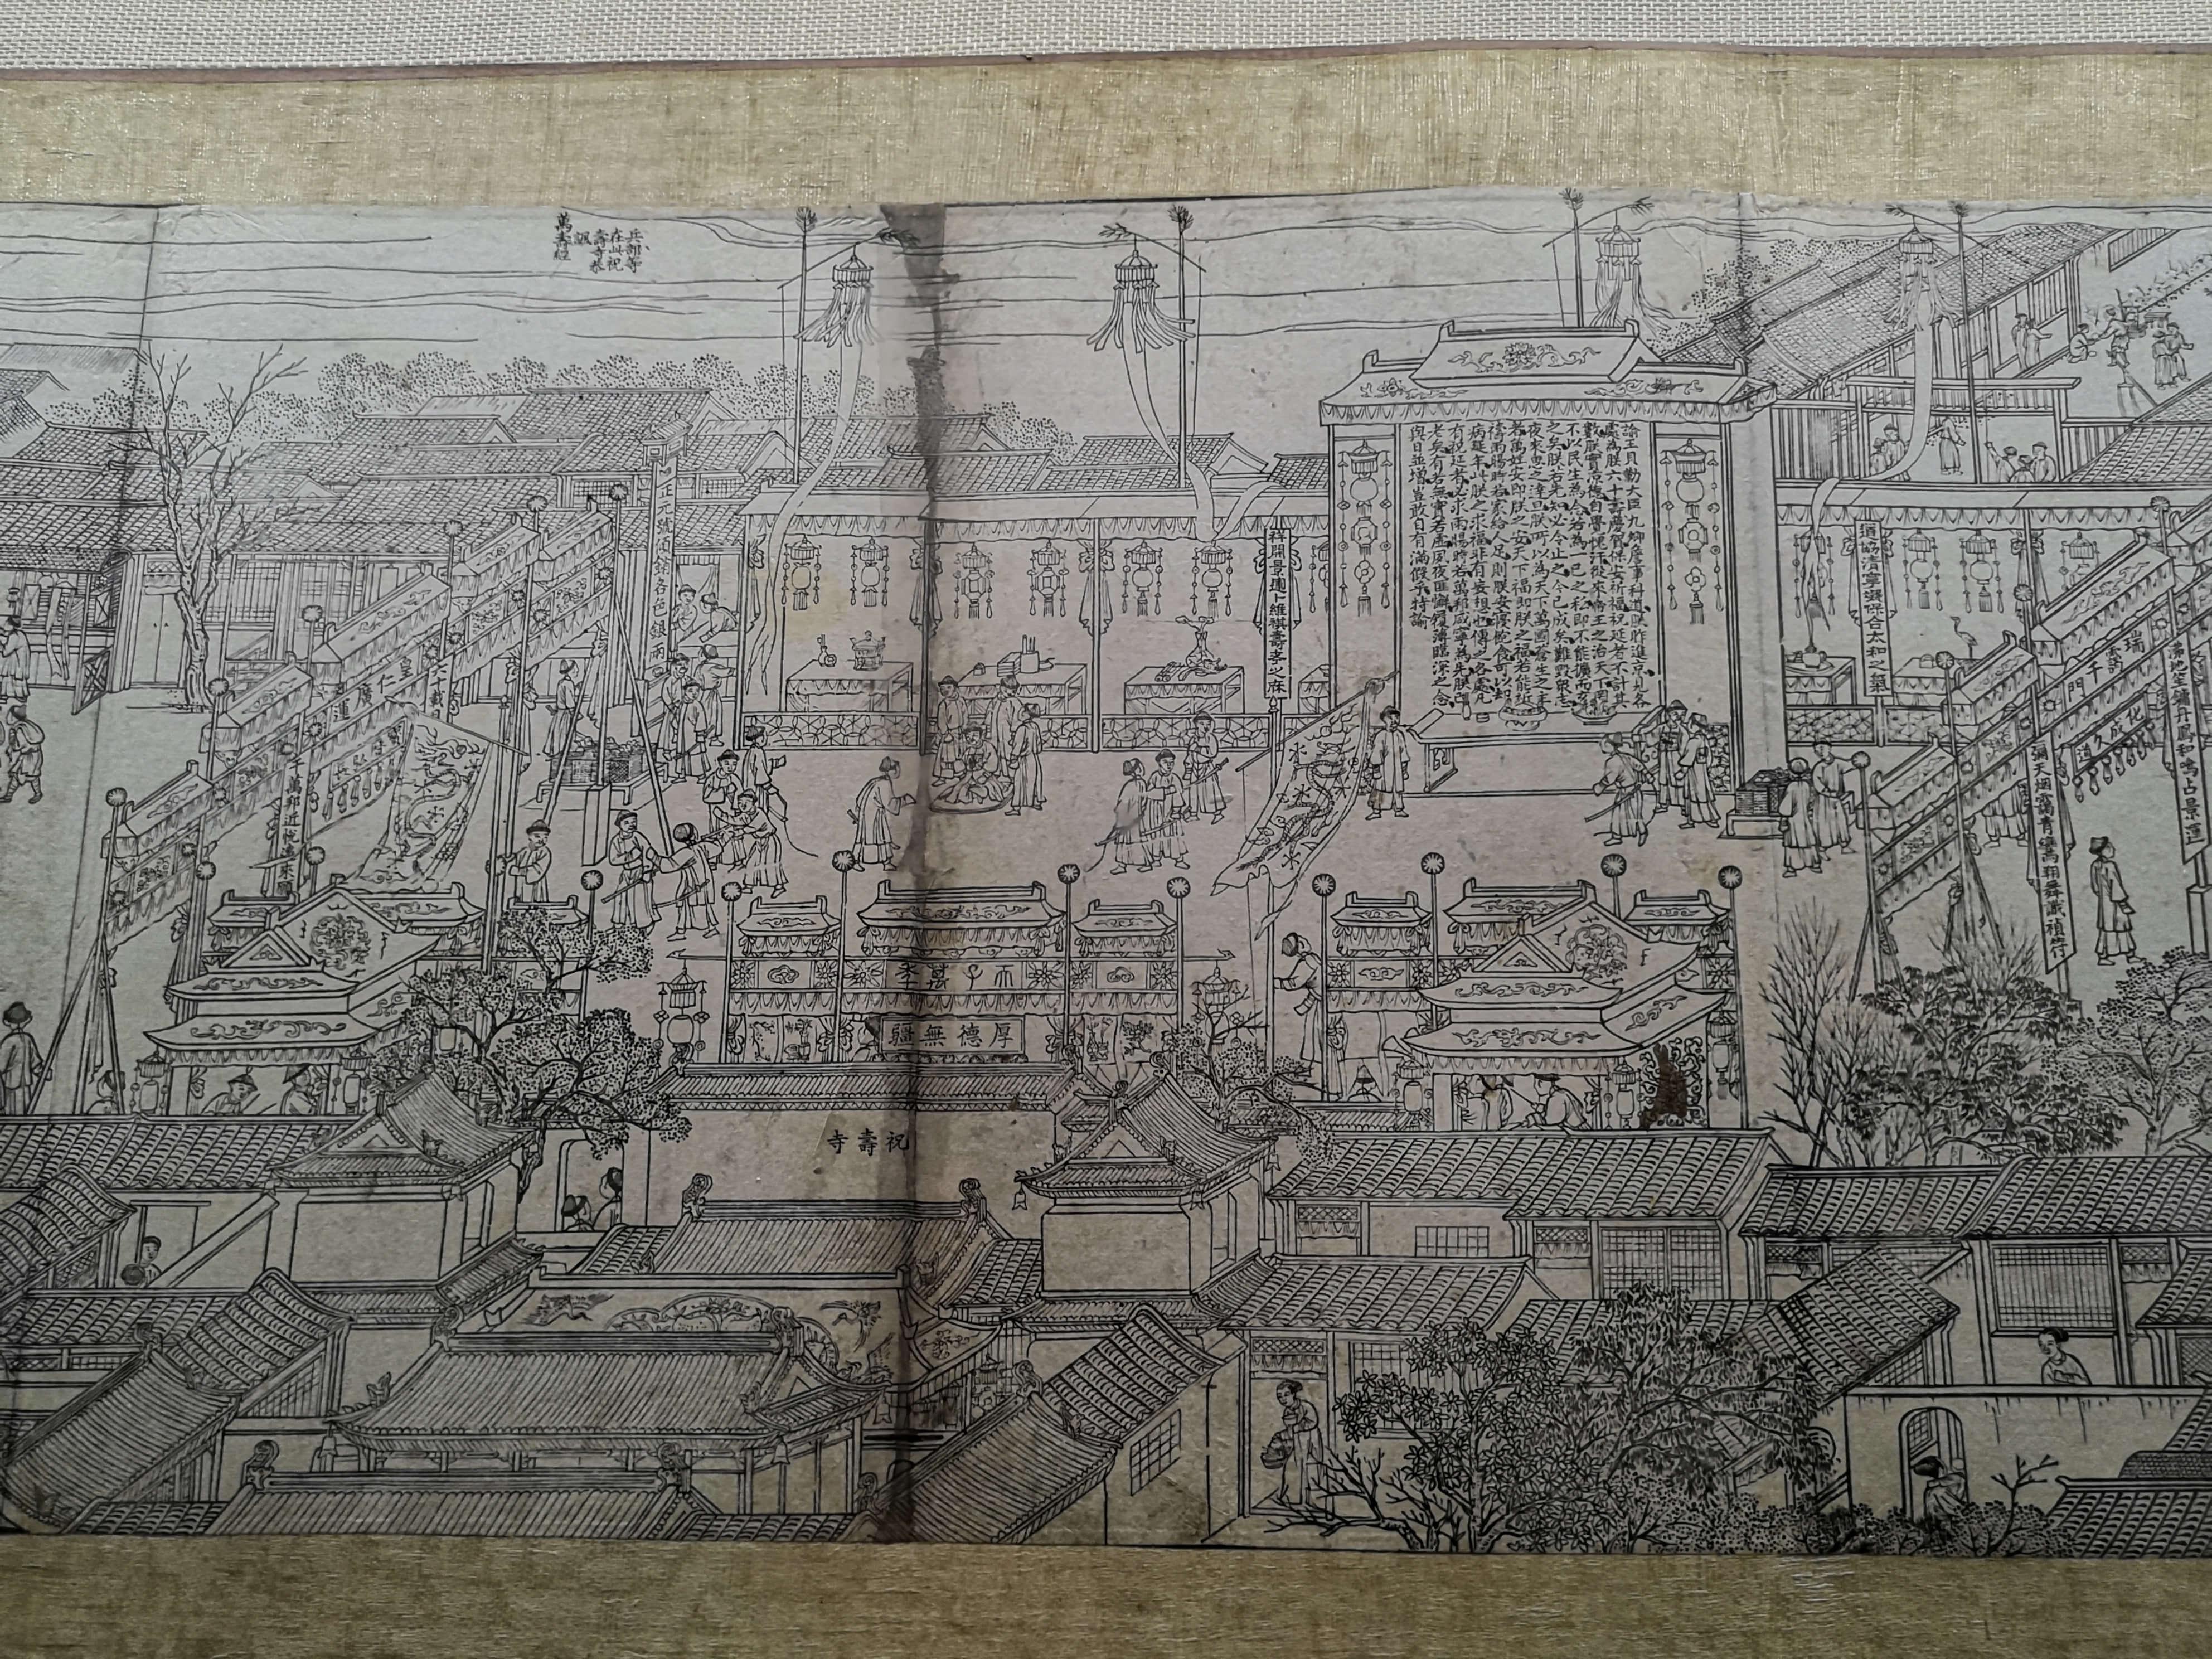 描绘当时北京的社会场景